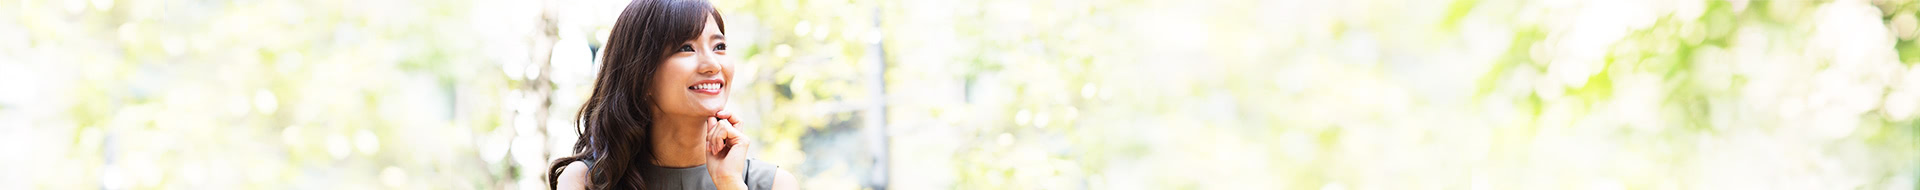 » 3/21 (祝) 午前 高年収女子のための賢いお金の殖やし方のメインビジュアル